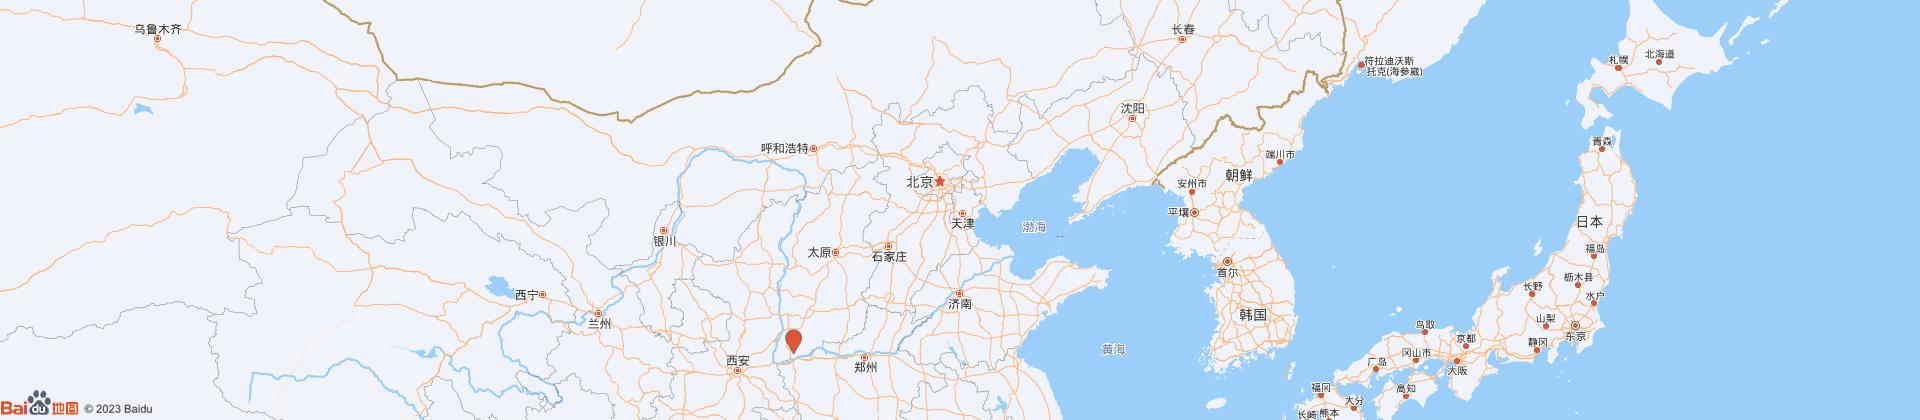 盛腾达(天津)机电设备工程有限公司